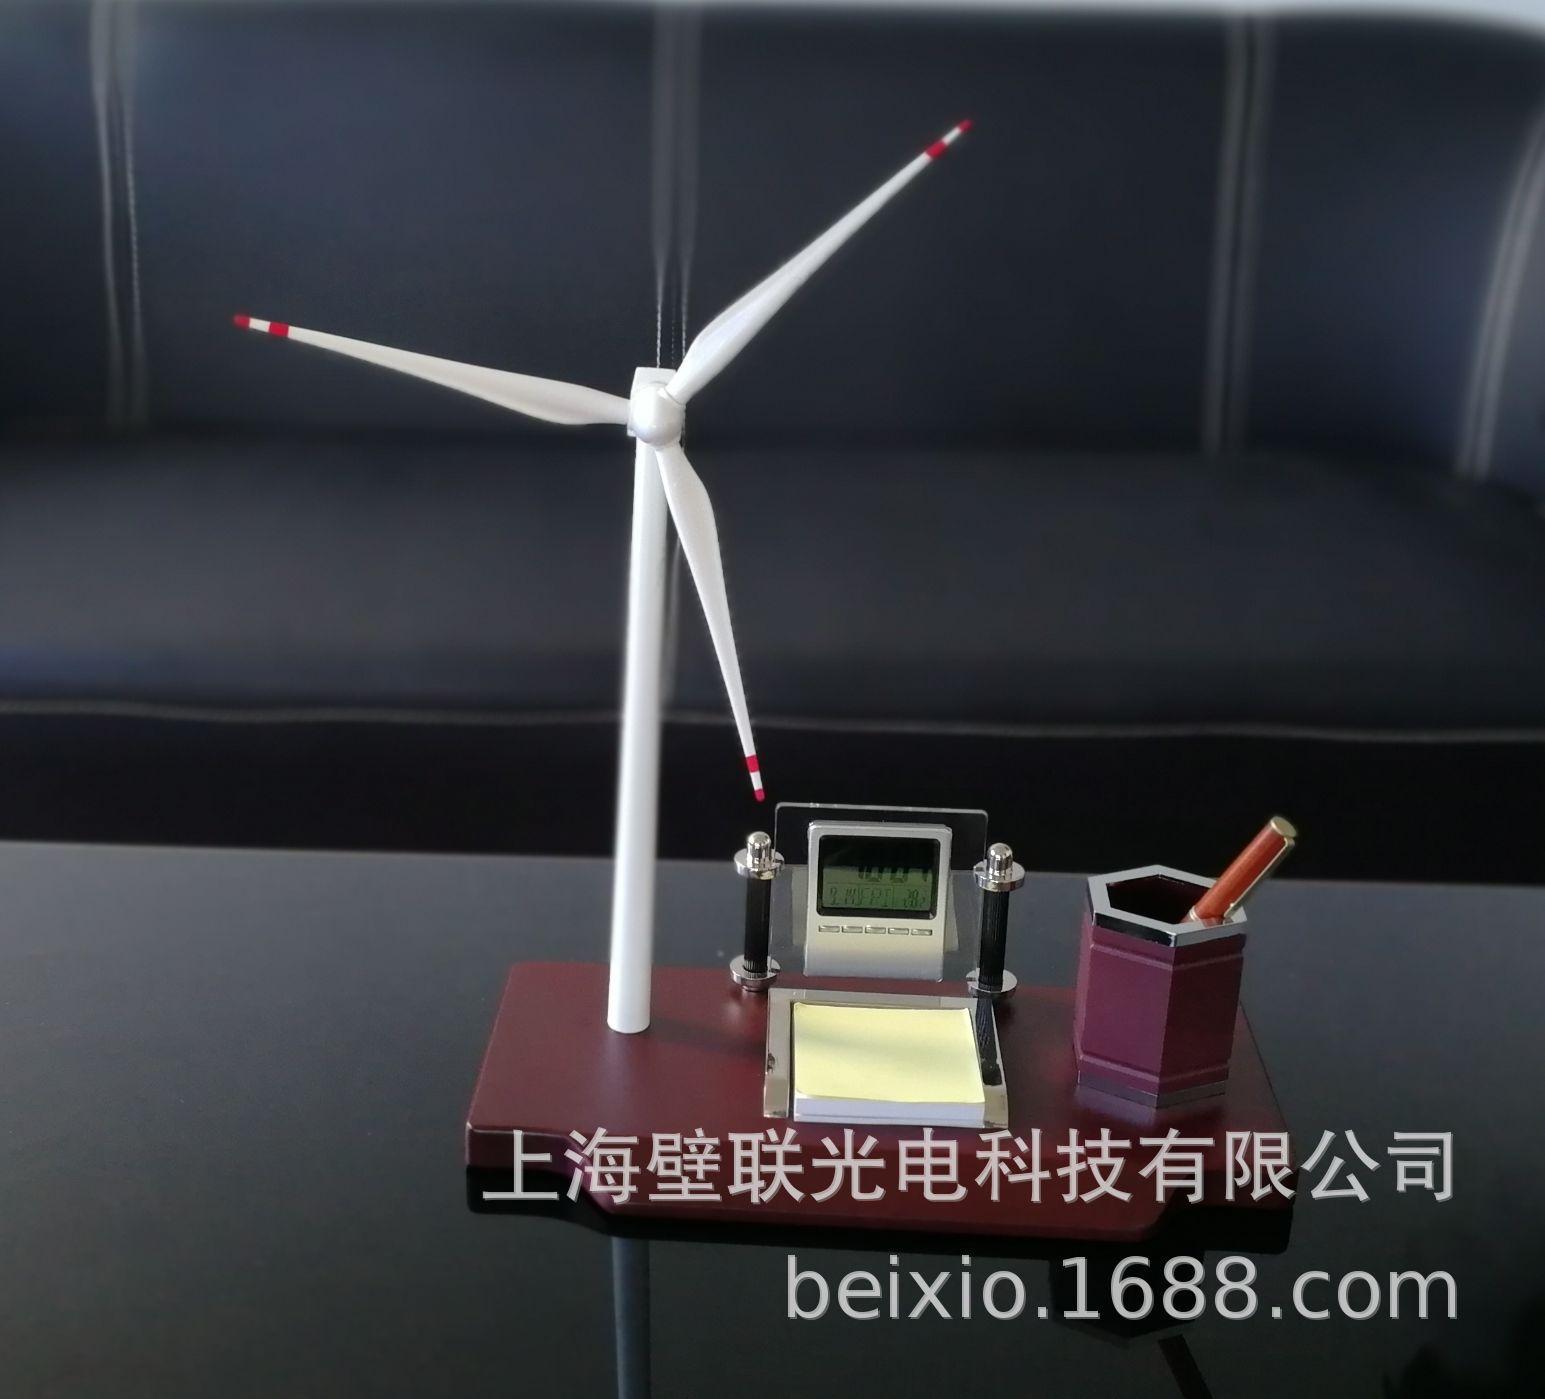 廠家直供辦公展示用品文案擺件風車禮品模型辦公文案展示 1